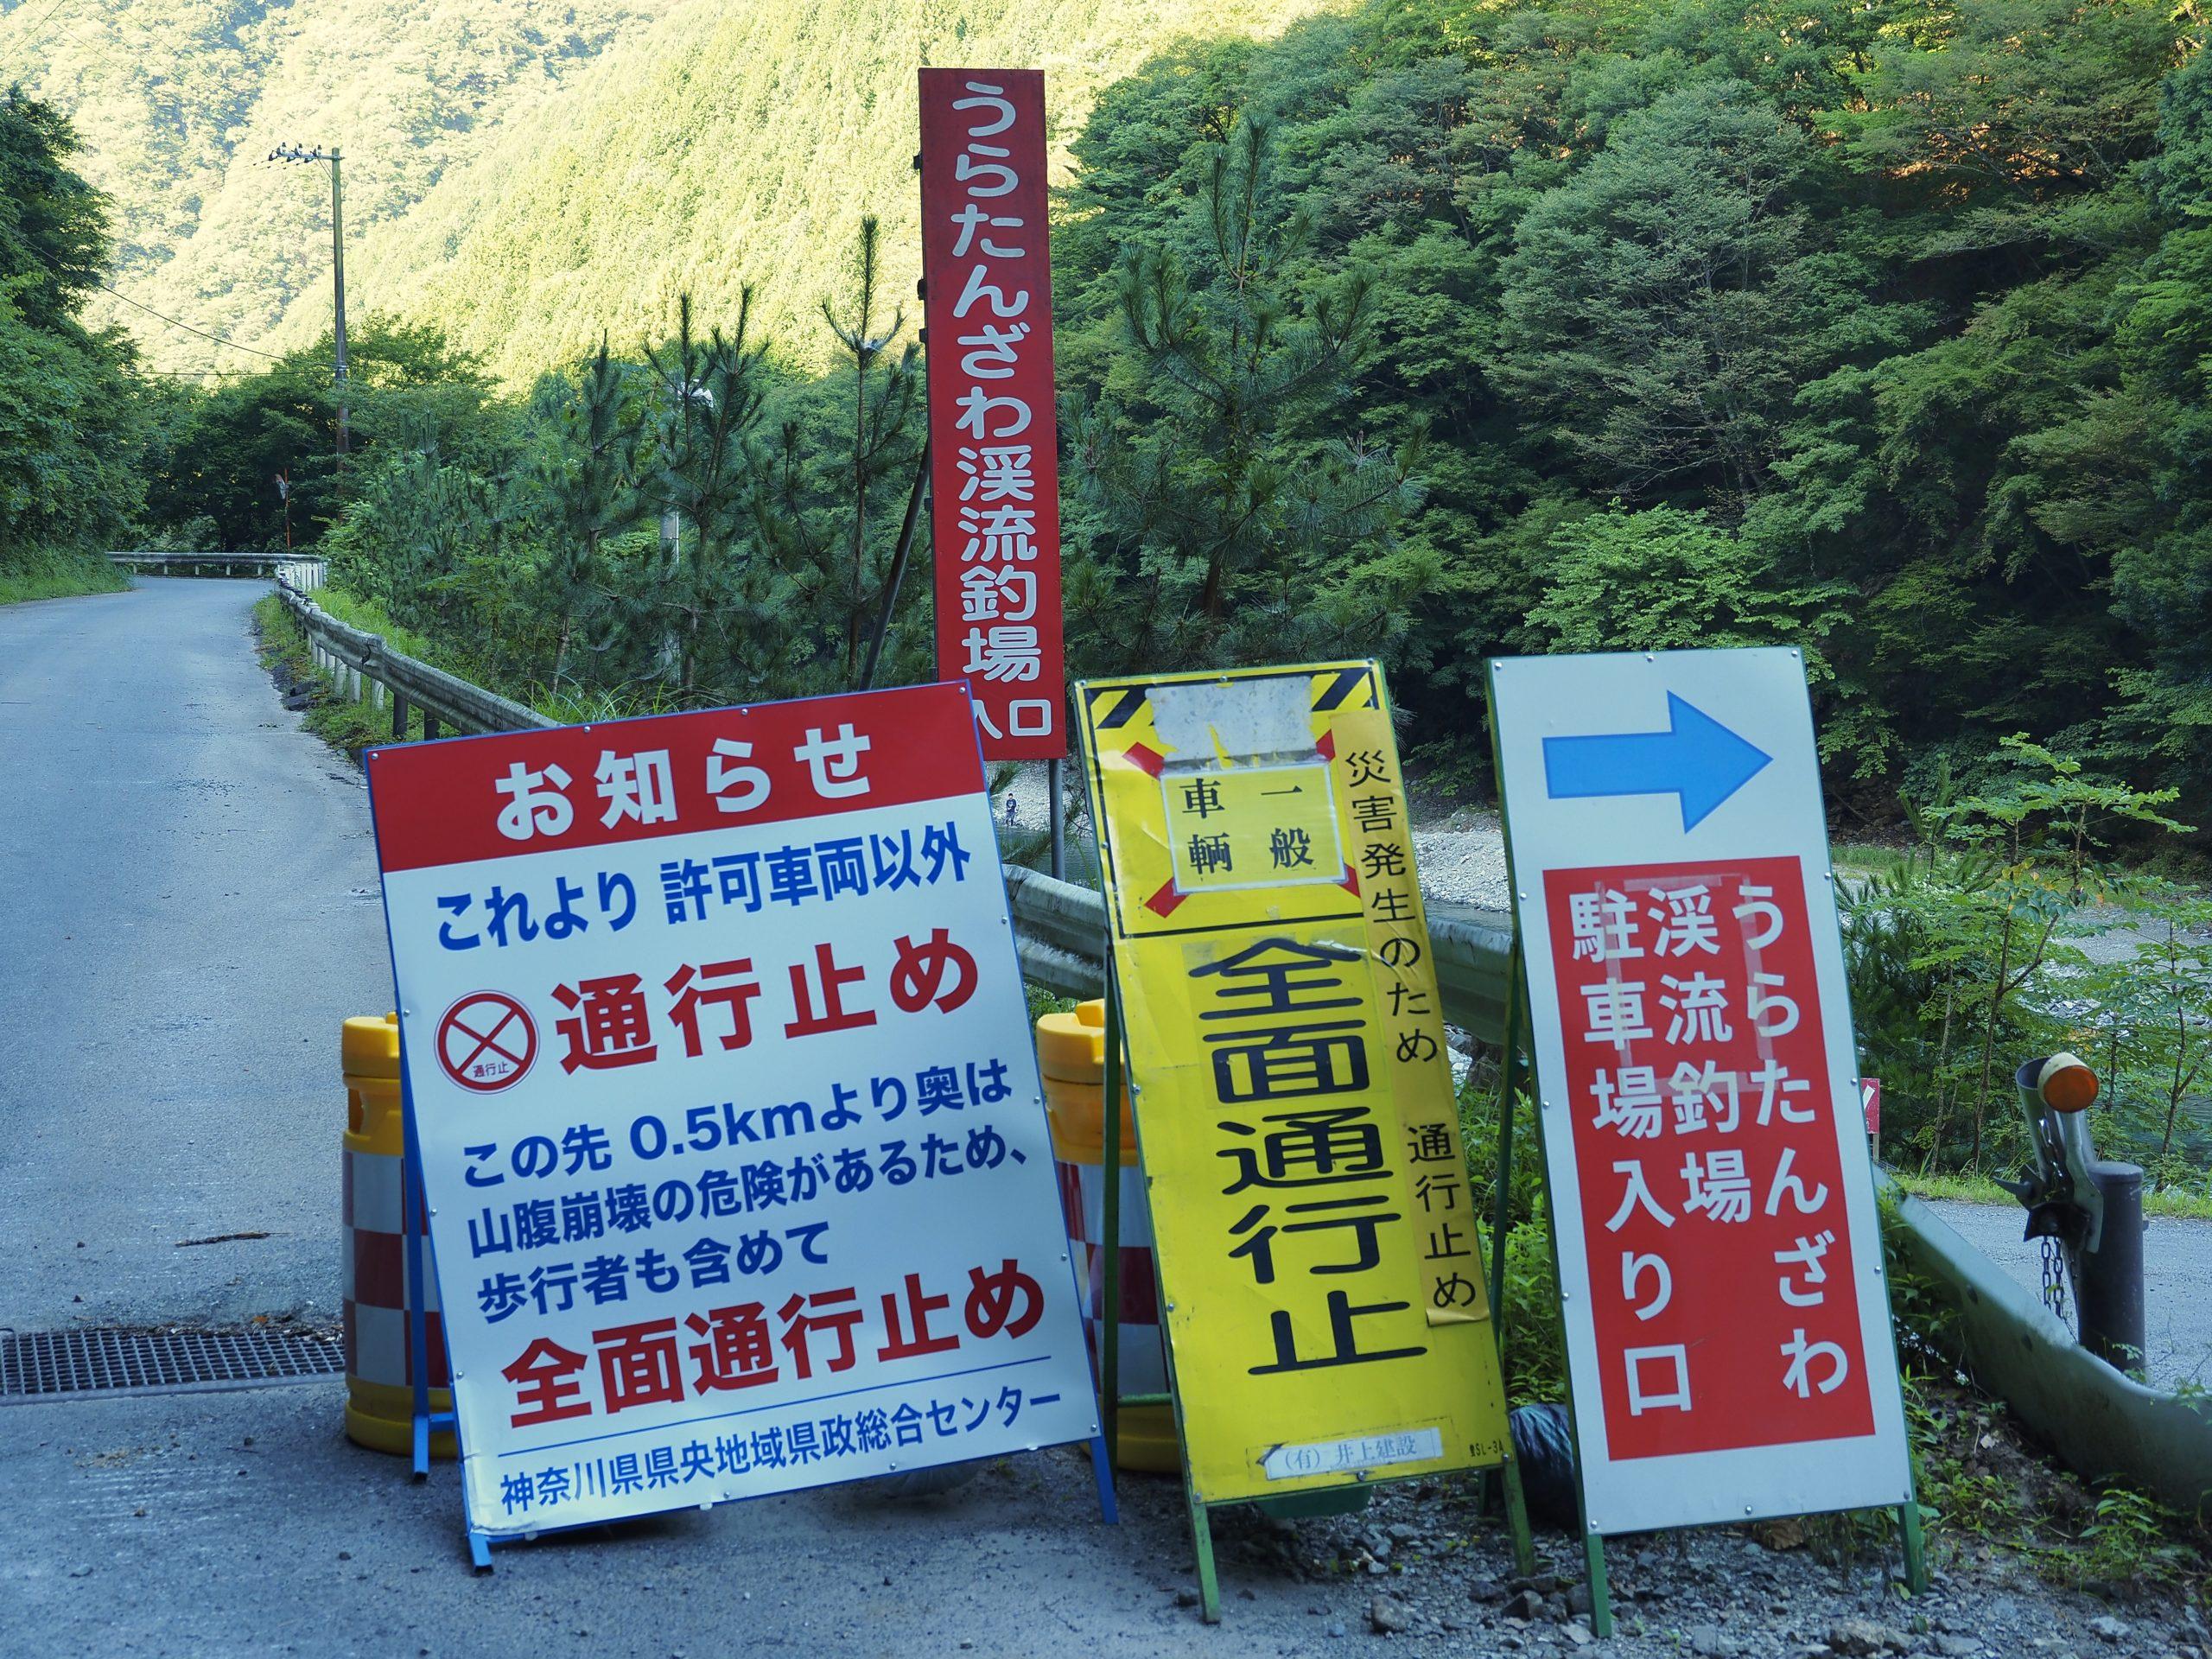 神奈川県 うらたんざわ渓流釣場